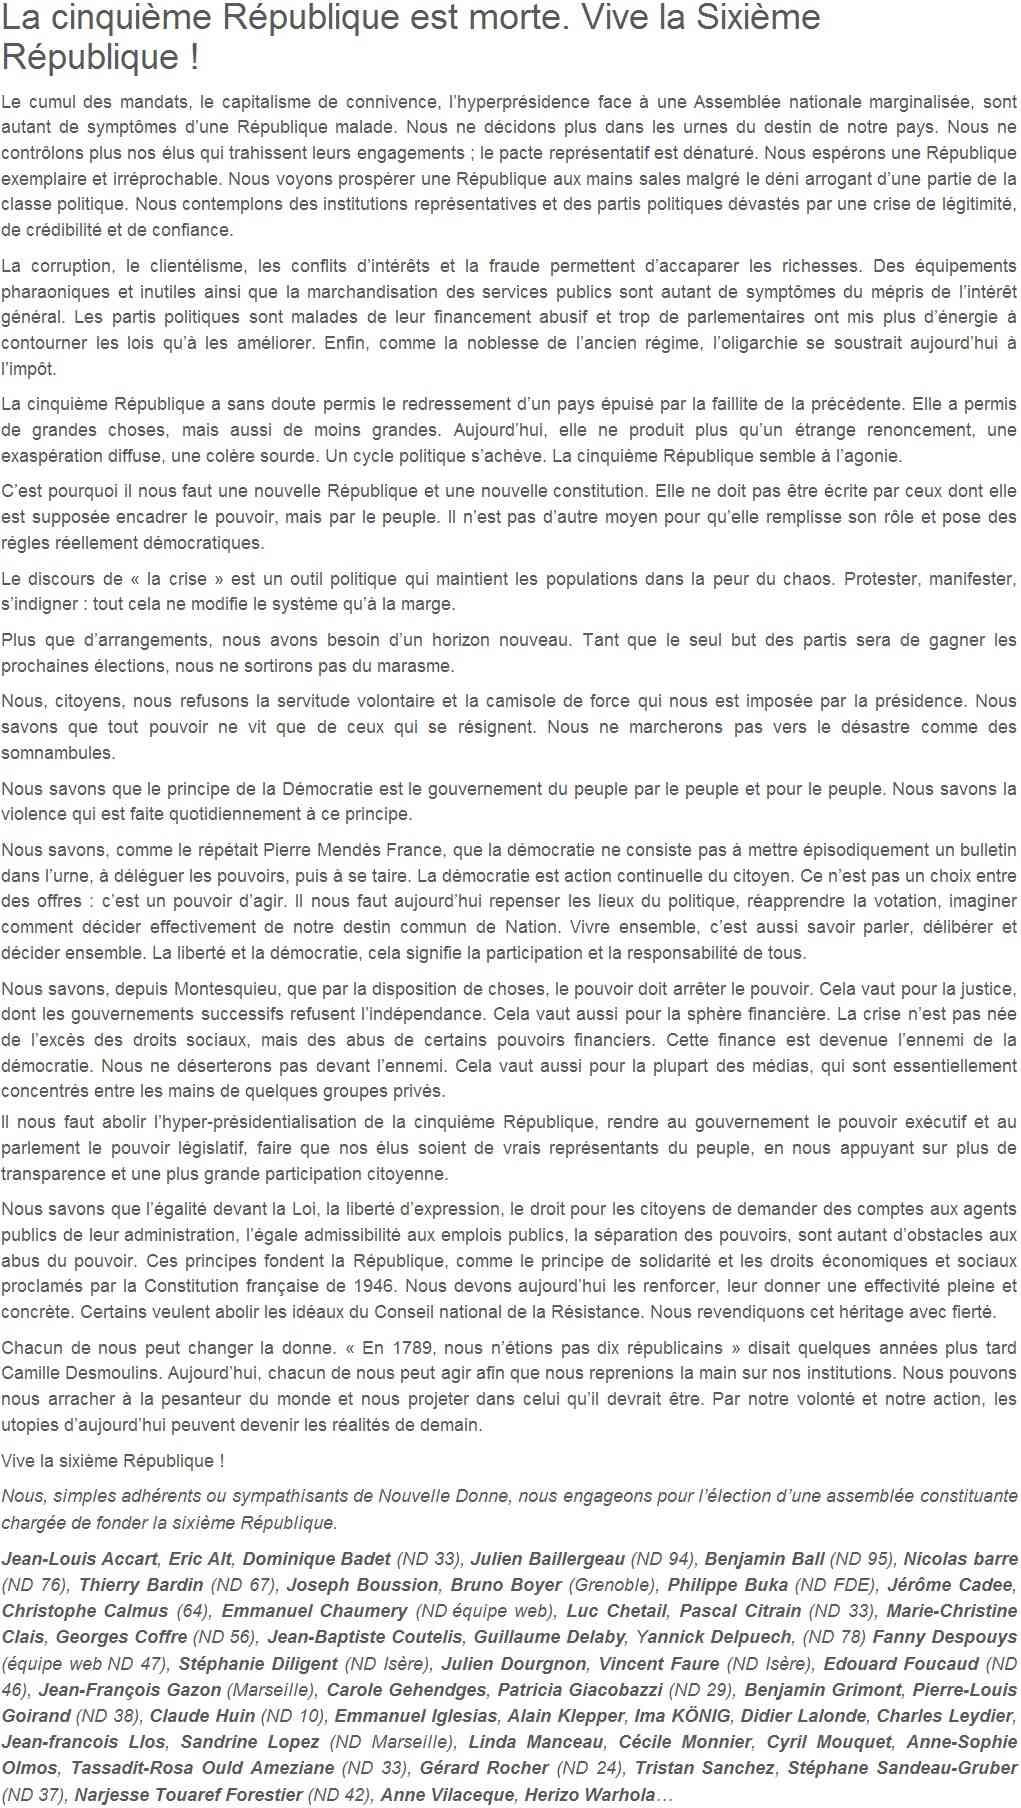 Je signe pour la 6e République + Déclaration de Marie George Buffet + Diverses signatures et appels (politiques, associatifs, intellectuels), signatures collectives (Socialistes affligés, militants PCF, Nouvelle Donne, syndicalistes)  Nouvel10